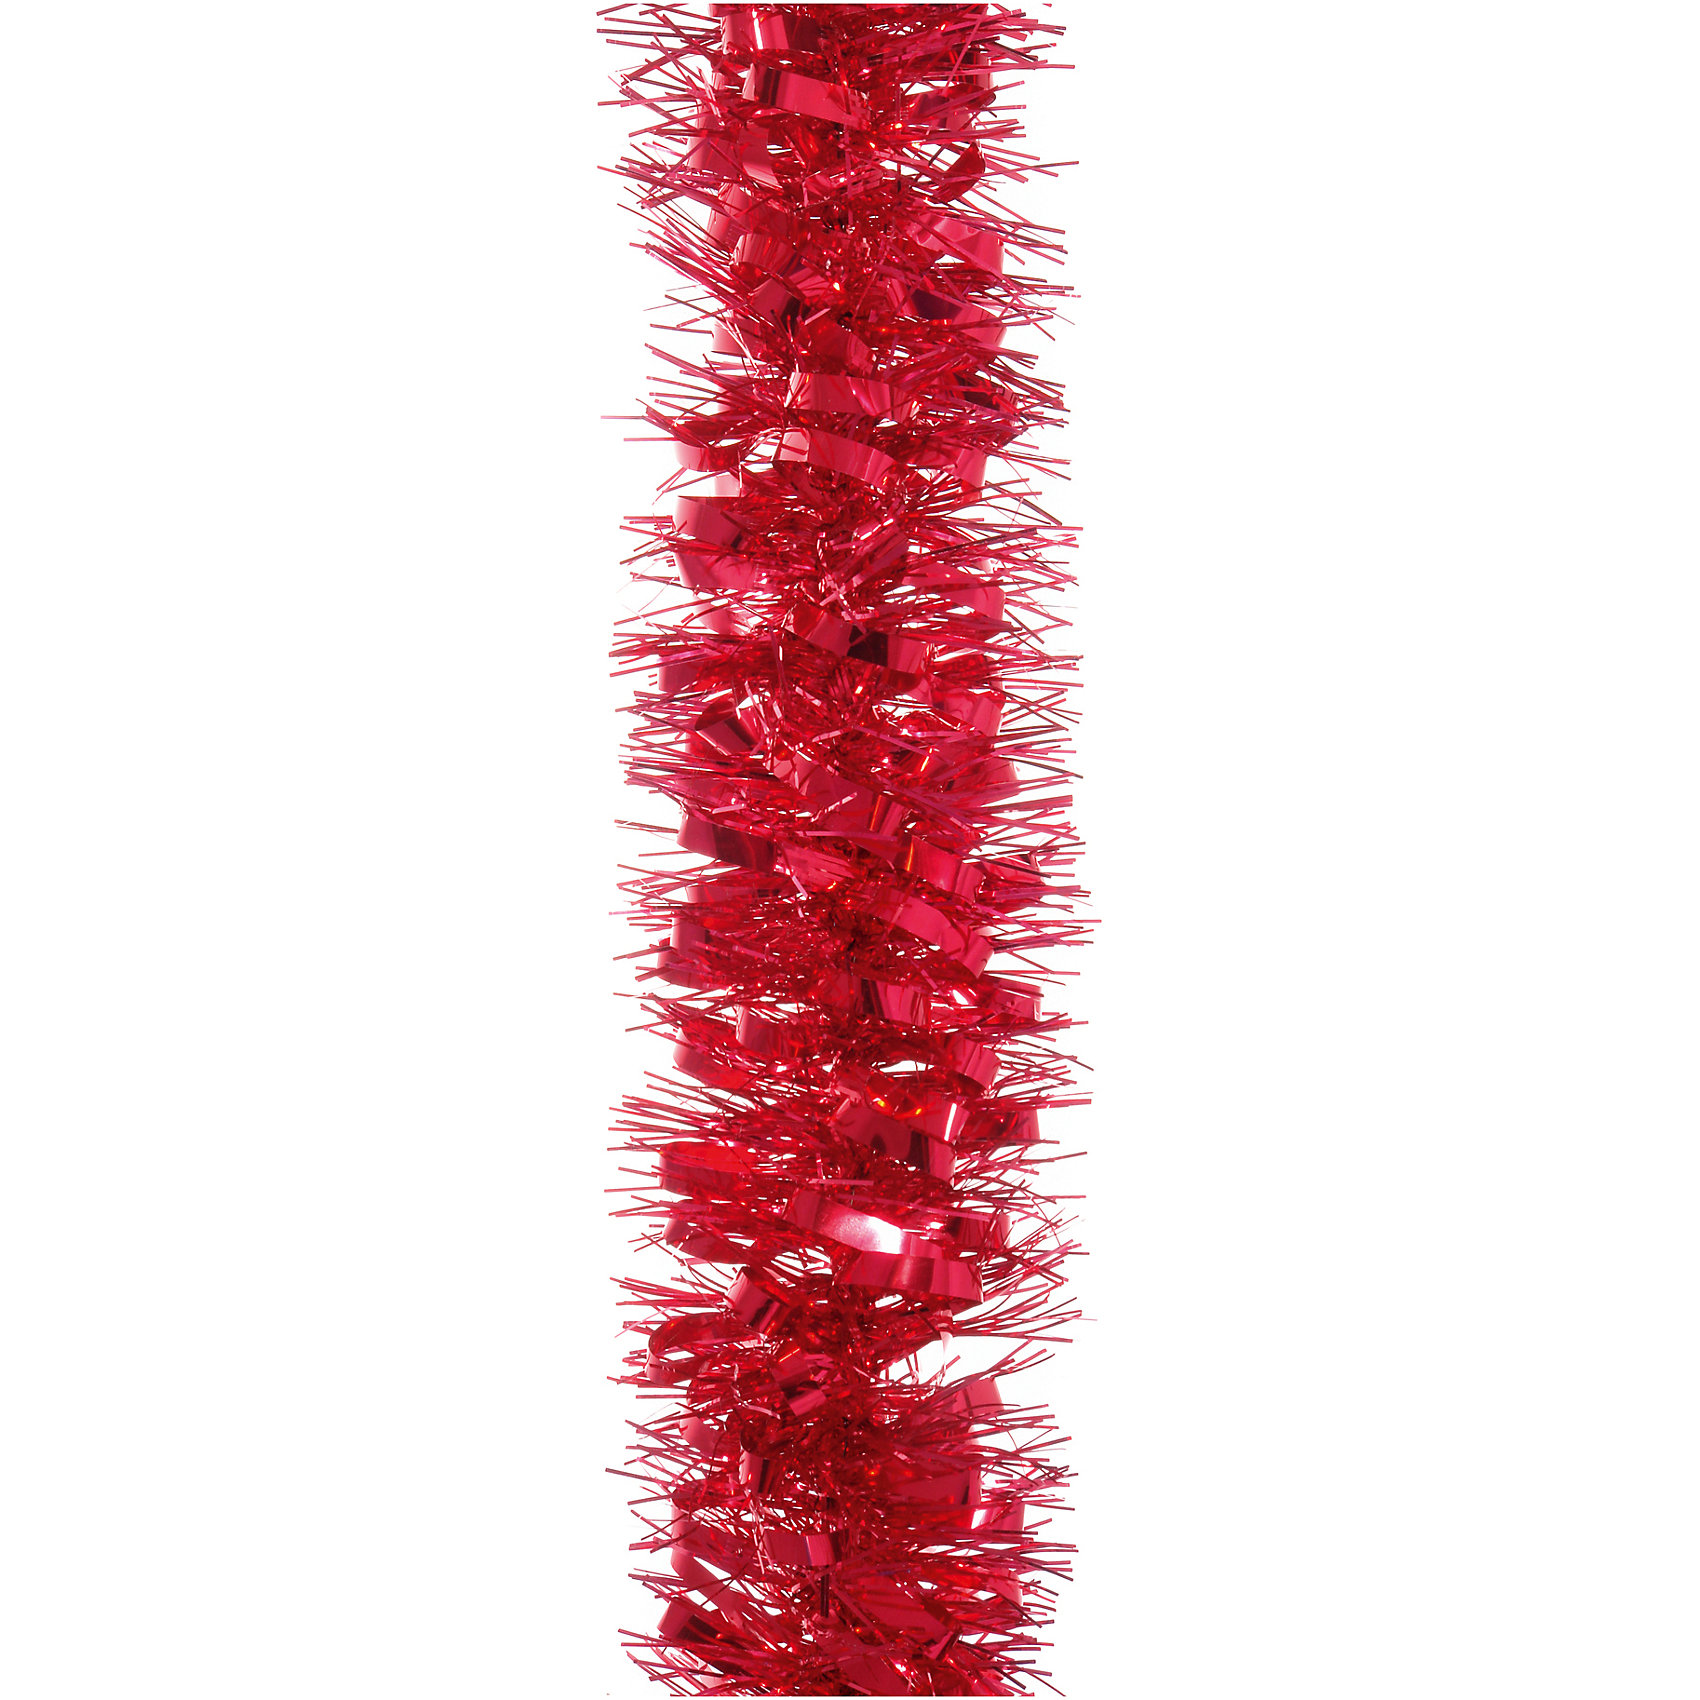 Красная мишураНовинки Новый Год<br>Красная мишура, Волшебная страна, станет замечательным украшением Вашей новогодней елки или интерьера и поможет создать праздничную волшебную атмосферу. Мишура насыщенного красного цвета состоит из шести слоев, она будет чудесно смотреться на елке и радовать детей и взрослых. <br><br>Дополнительная информация:<br><br>- Цвет: красный.<br>- Материал: лавсан.<br>- Размер мишуры: 10 см. х 2 м.<br>- Вес: 90 гр. <br><br>Красную мишуру, Волшебная страна, можно купить в нашем интернет-магазине.<br><br>Ширина мм: 2010<br>Глубина мм: 100<br>Высота мм: 100<br>Вес г: 93<br>Возраст от месяцев: 36<br>Возраст до месяцев: 2147483647<br>Пол: Унисекс<br>Возраст: Детский<br>SKU: 4288630